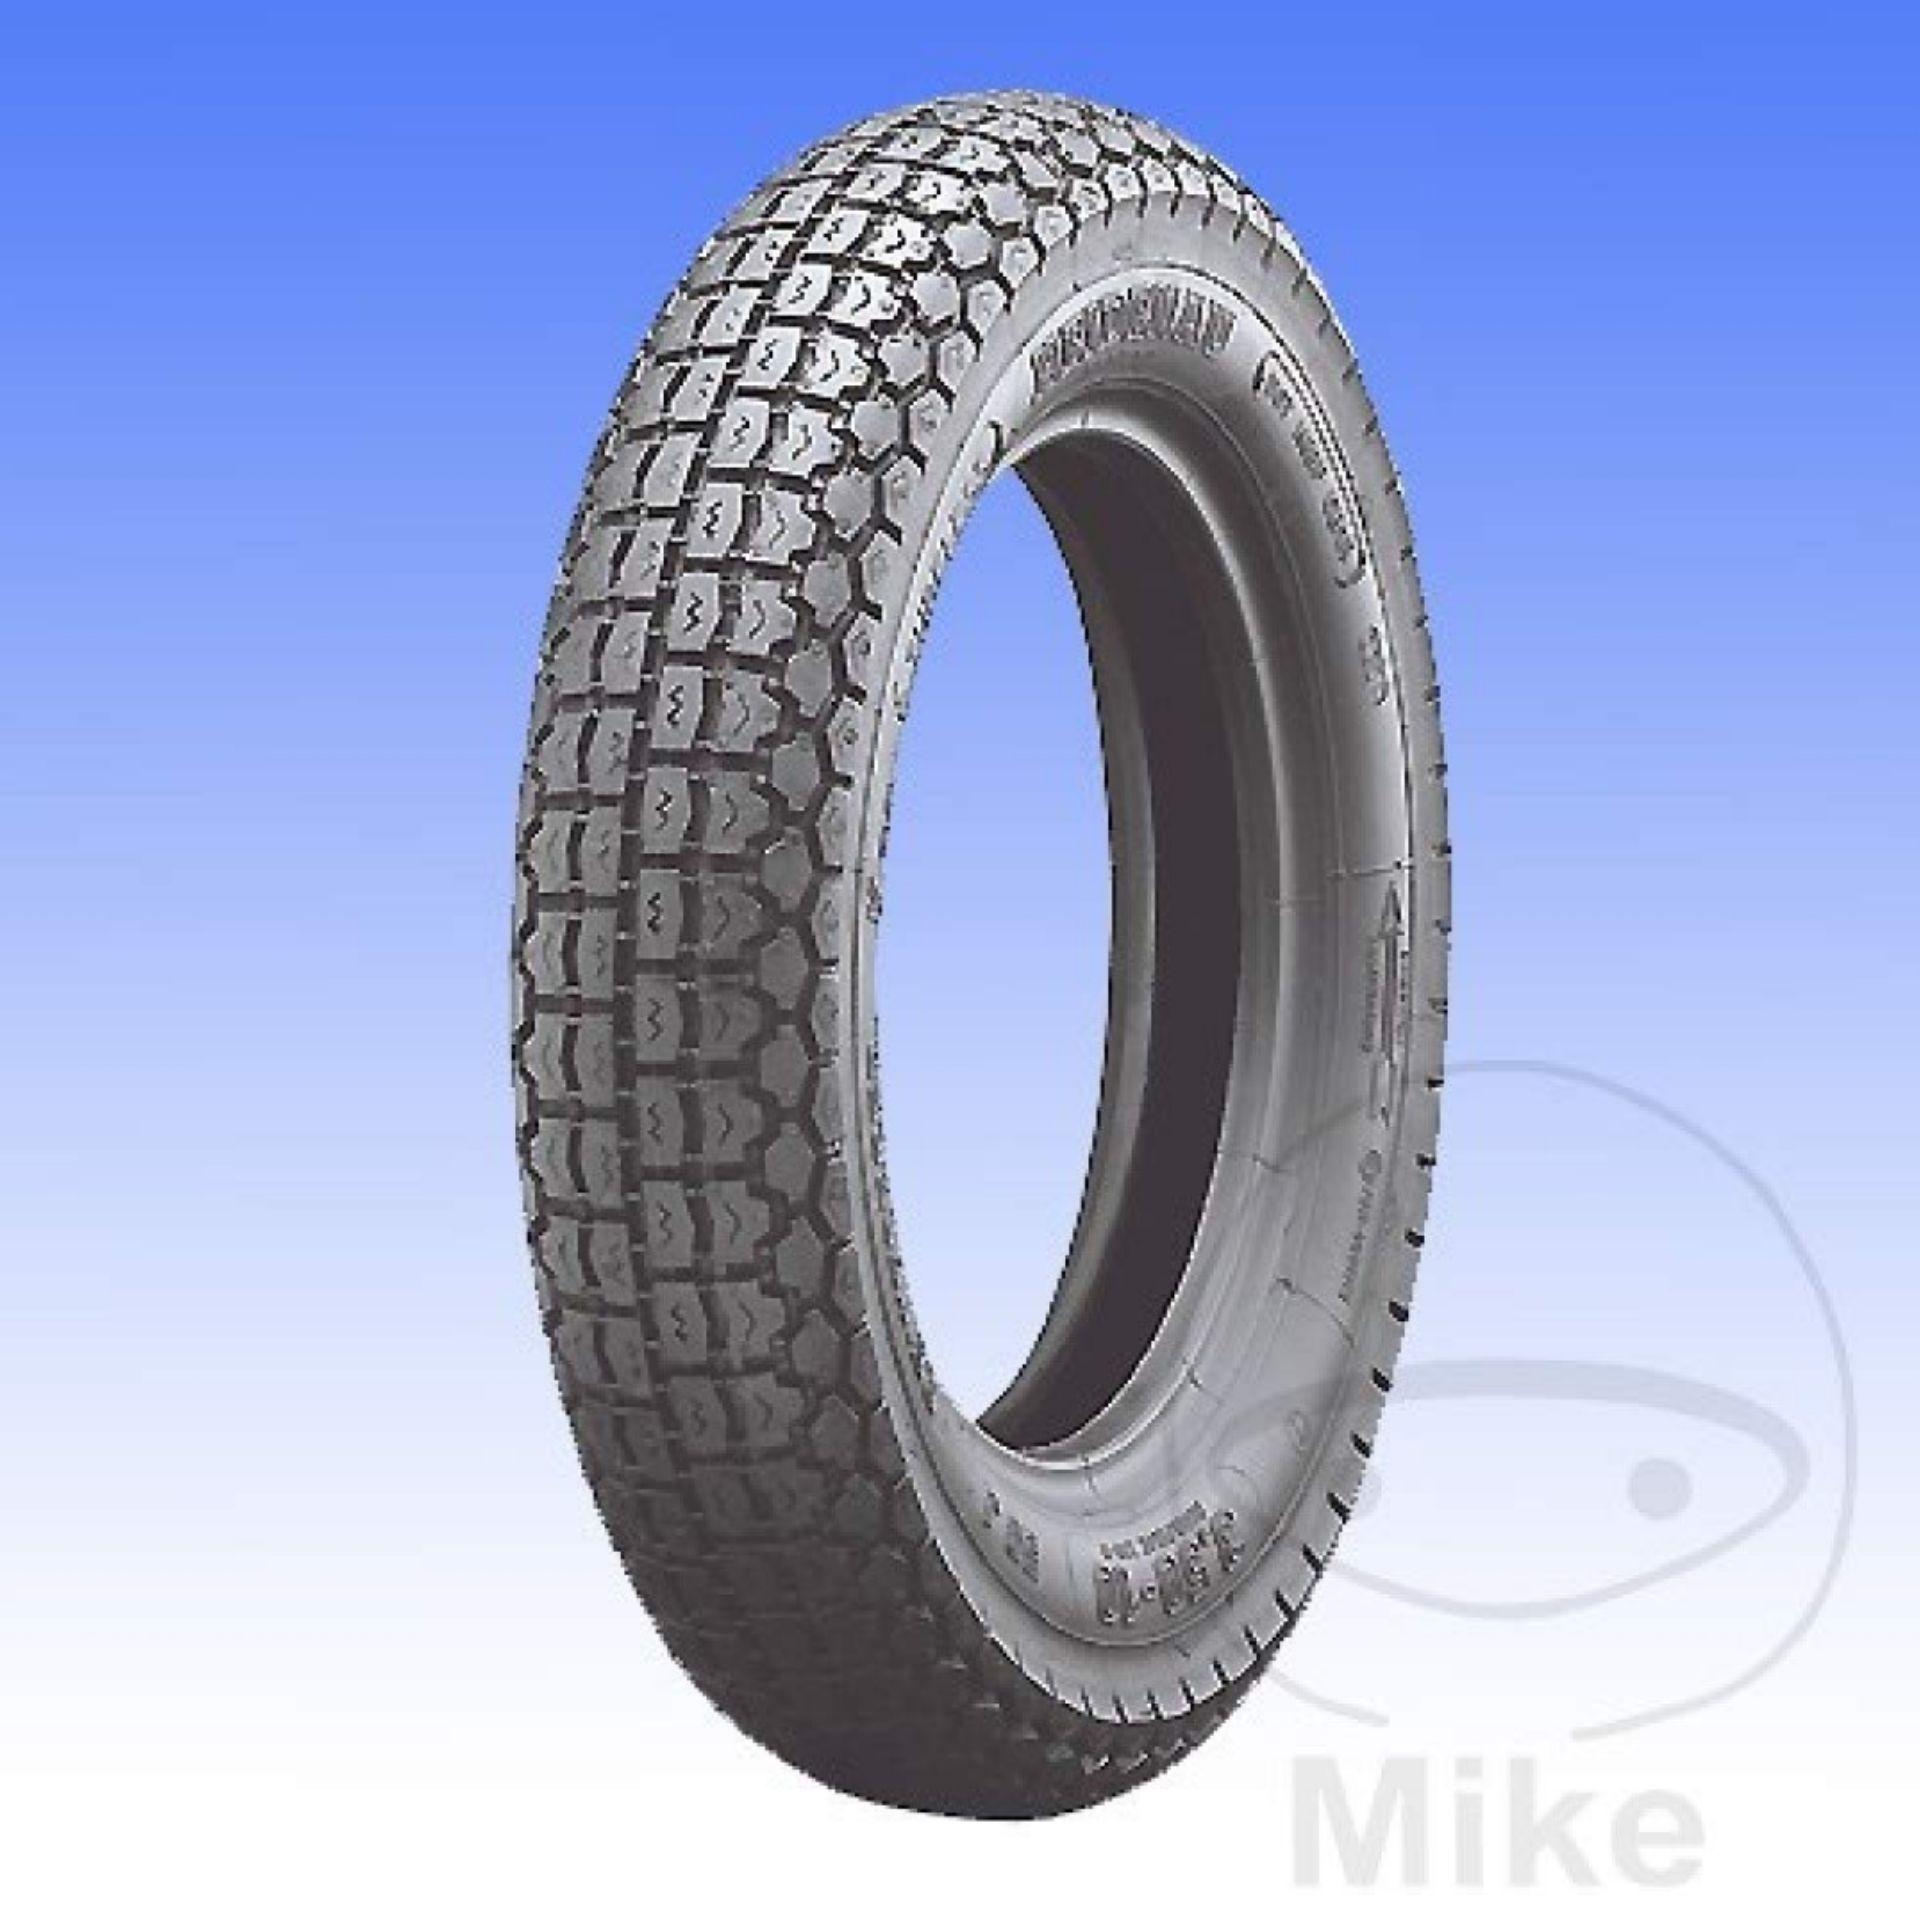 Neumático para moto Heidenau K38 90 R13 47 - B/B/78db (Plus)